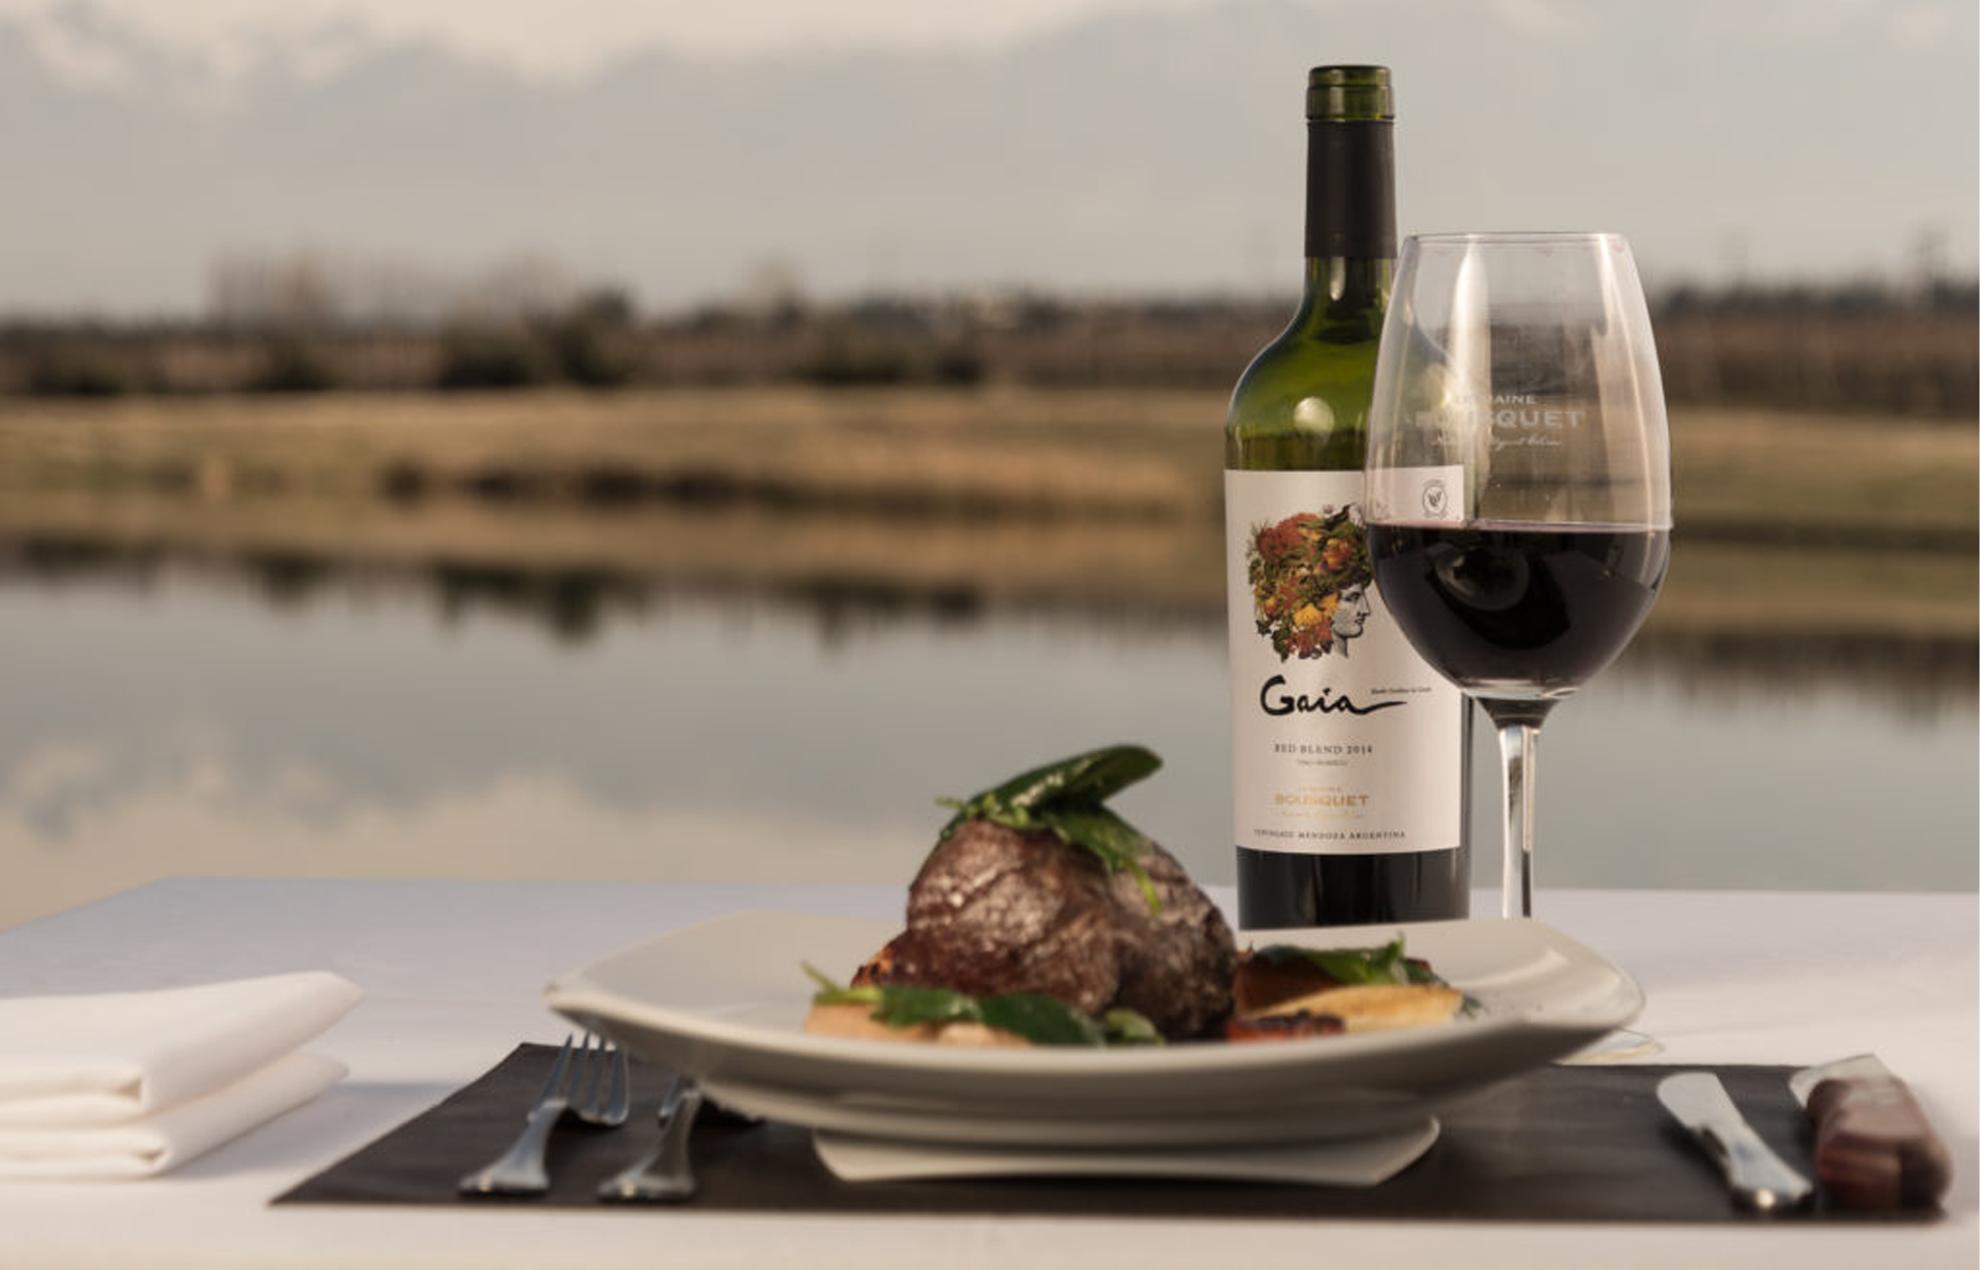 Une assiette dressée, un verre de vin rempli et une bouteille de vin, avec une vue sur un paysage et de l'eau.